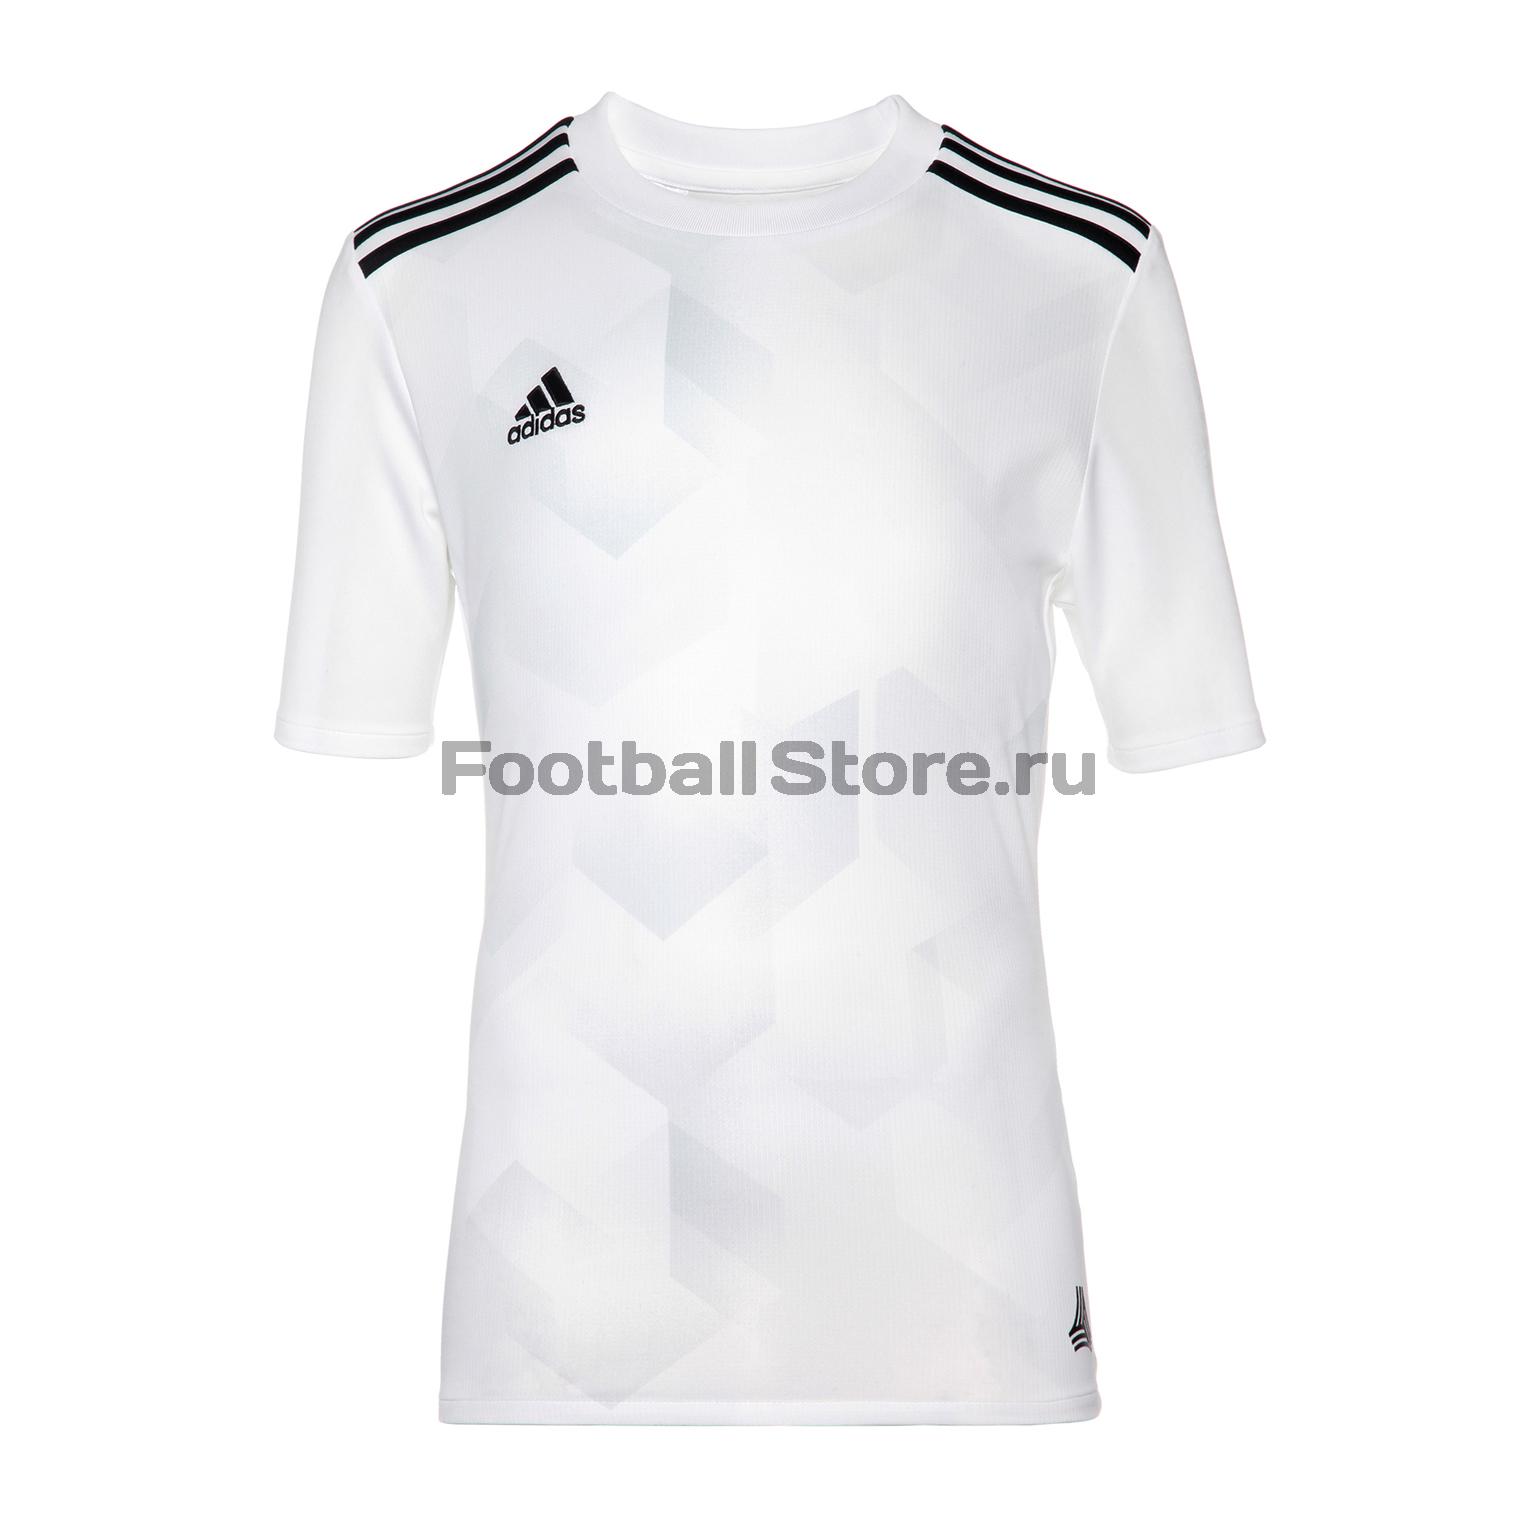 Футболка тренировочная подростковая Adidas Tango BK3759 фонари gopro фонарик knog 11626